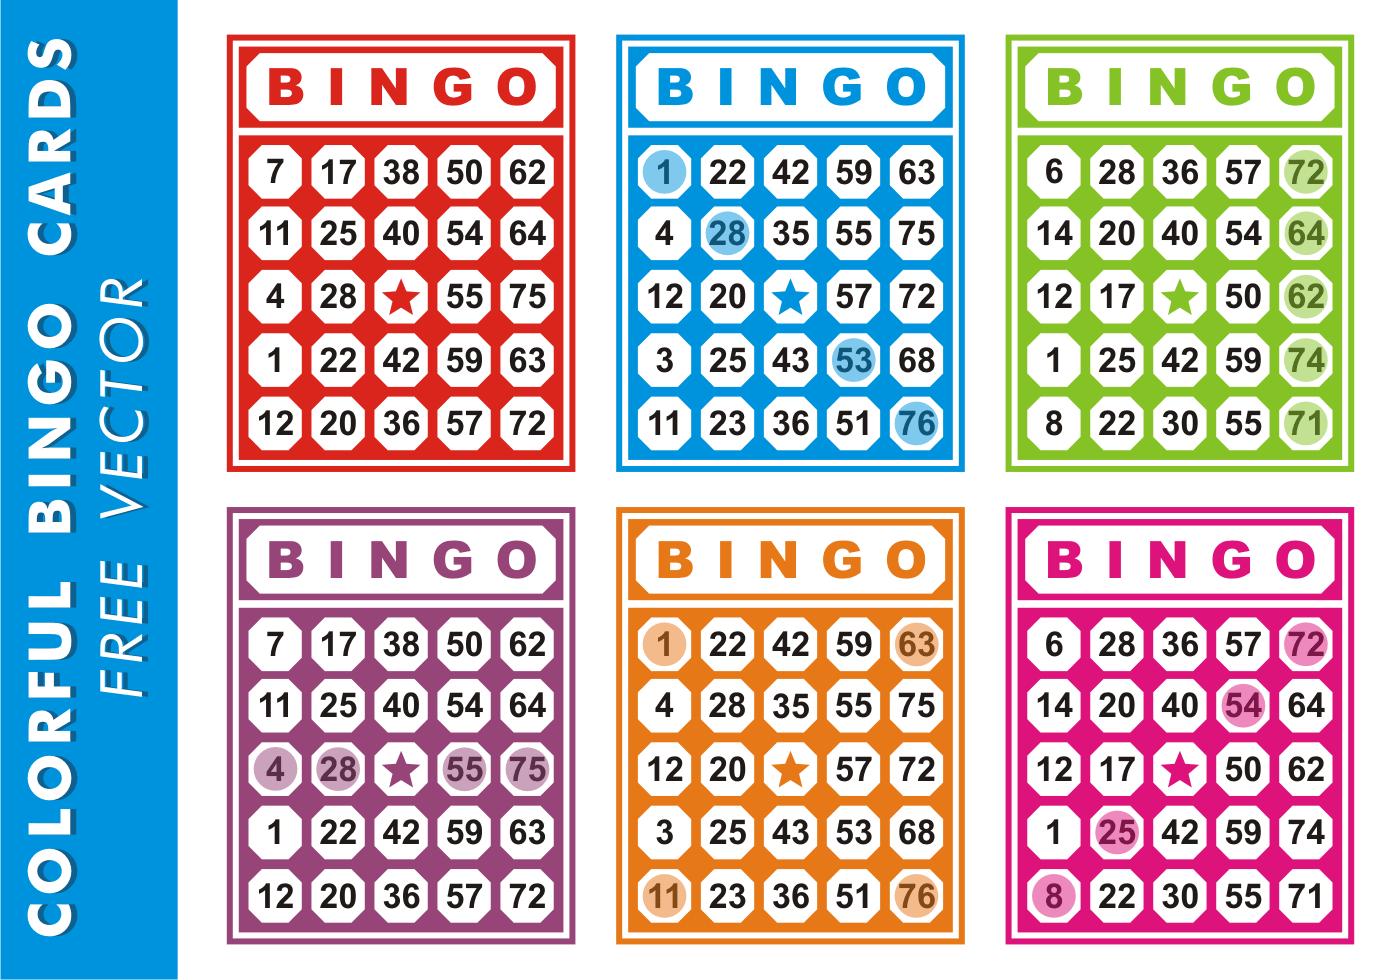 Juegos de casino como jugar loteria Guatemala-438696